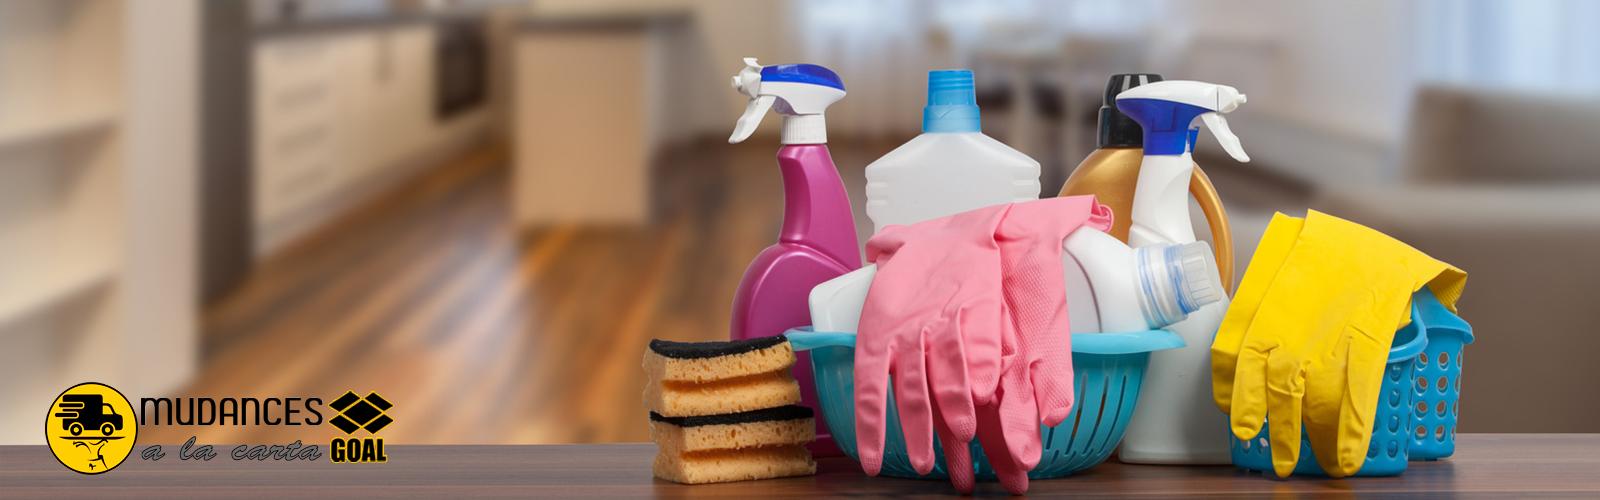 servei netejges fiobra mudances